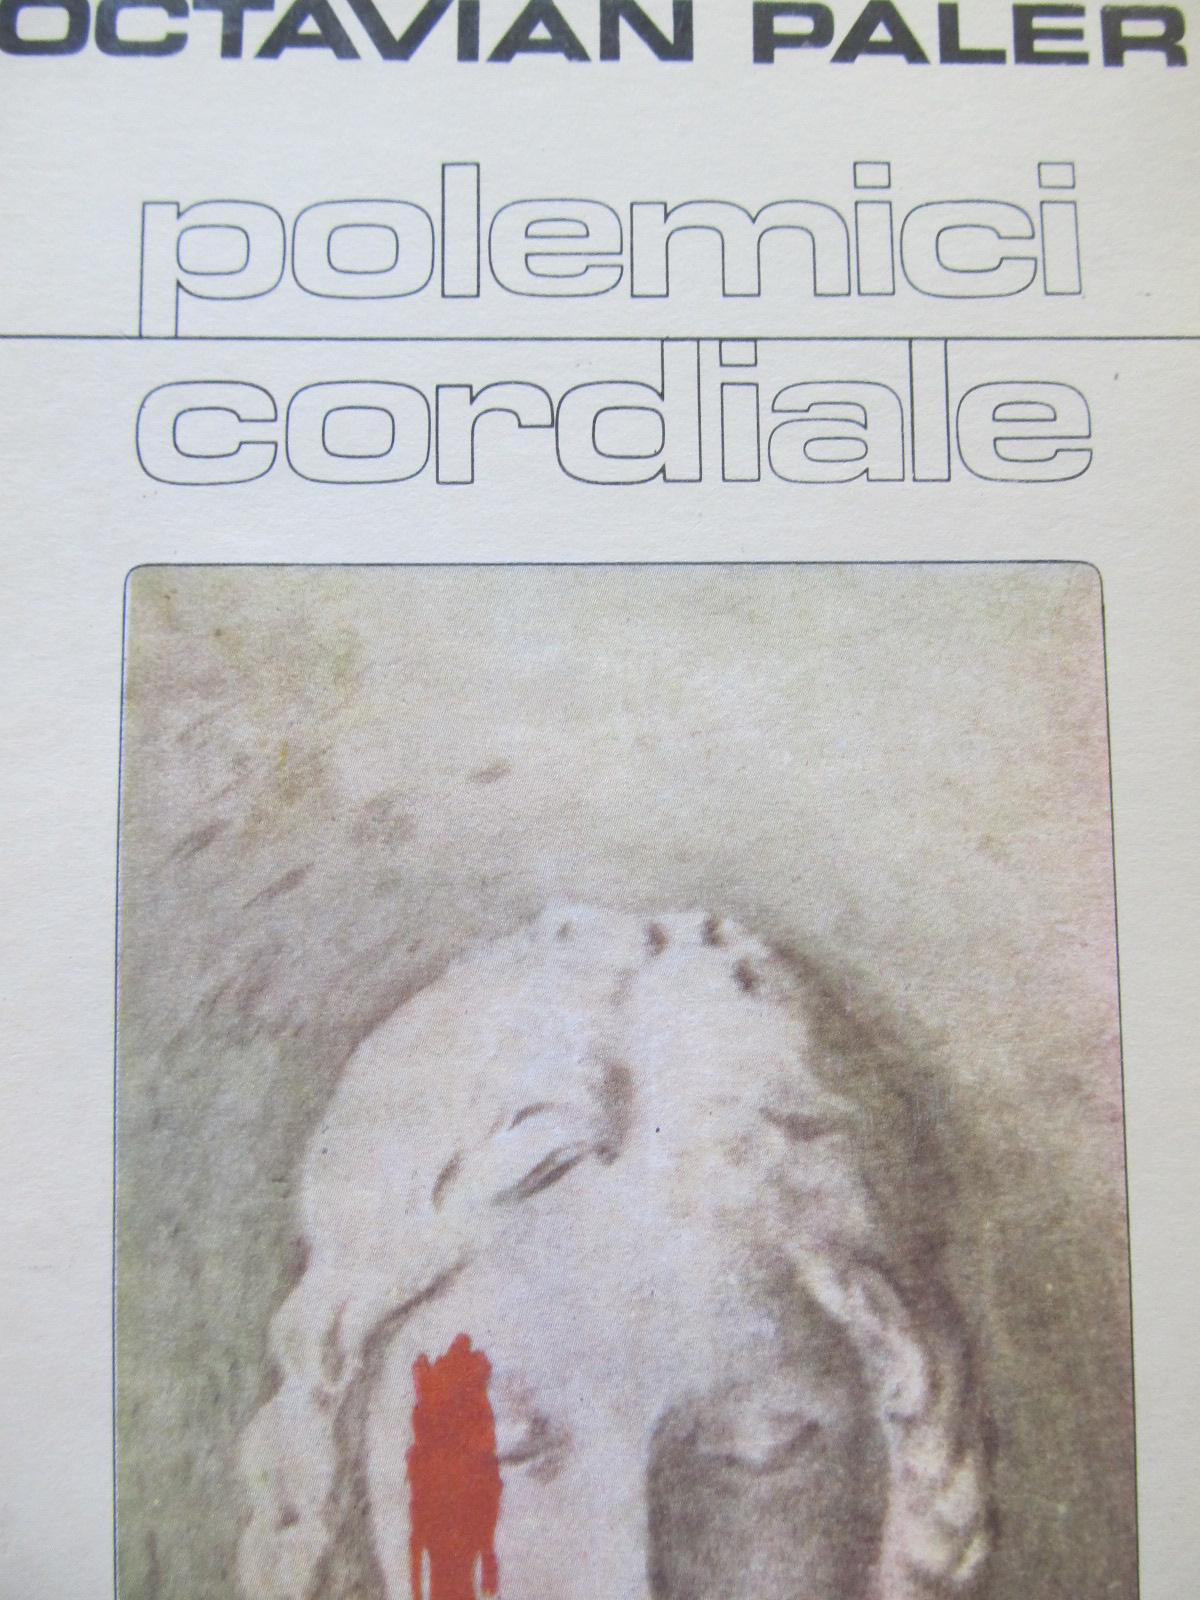 Polemici cordiale [1] - Octavian Paler | Detalii carte